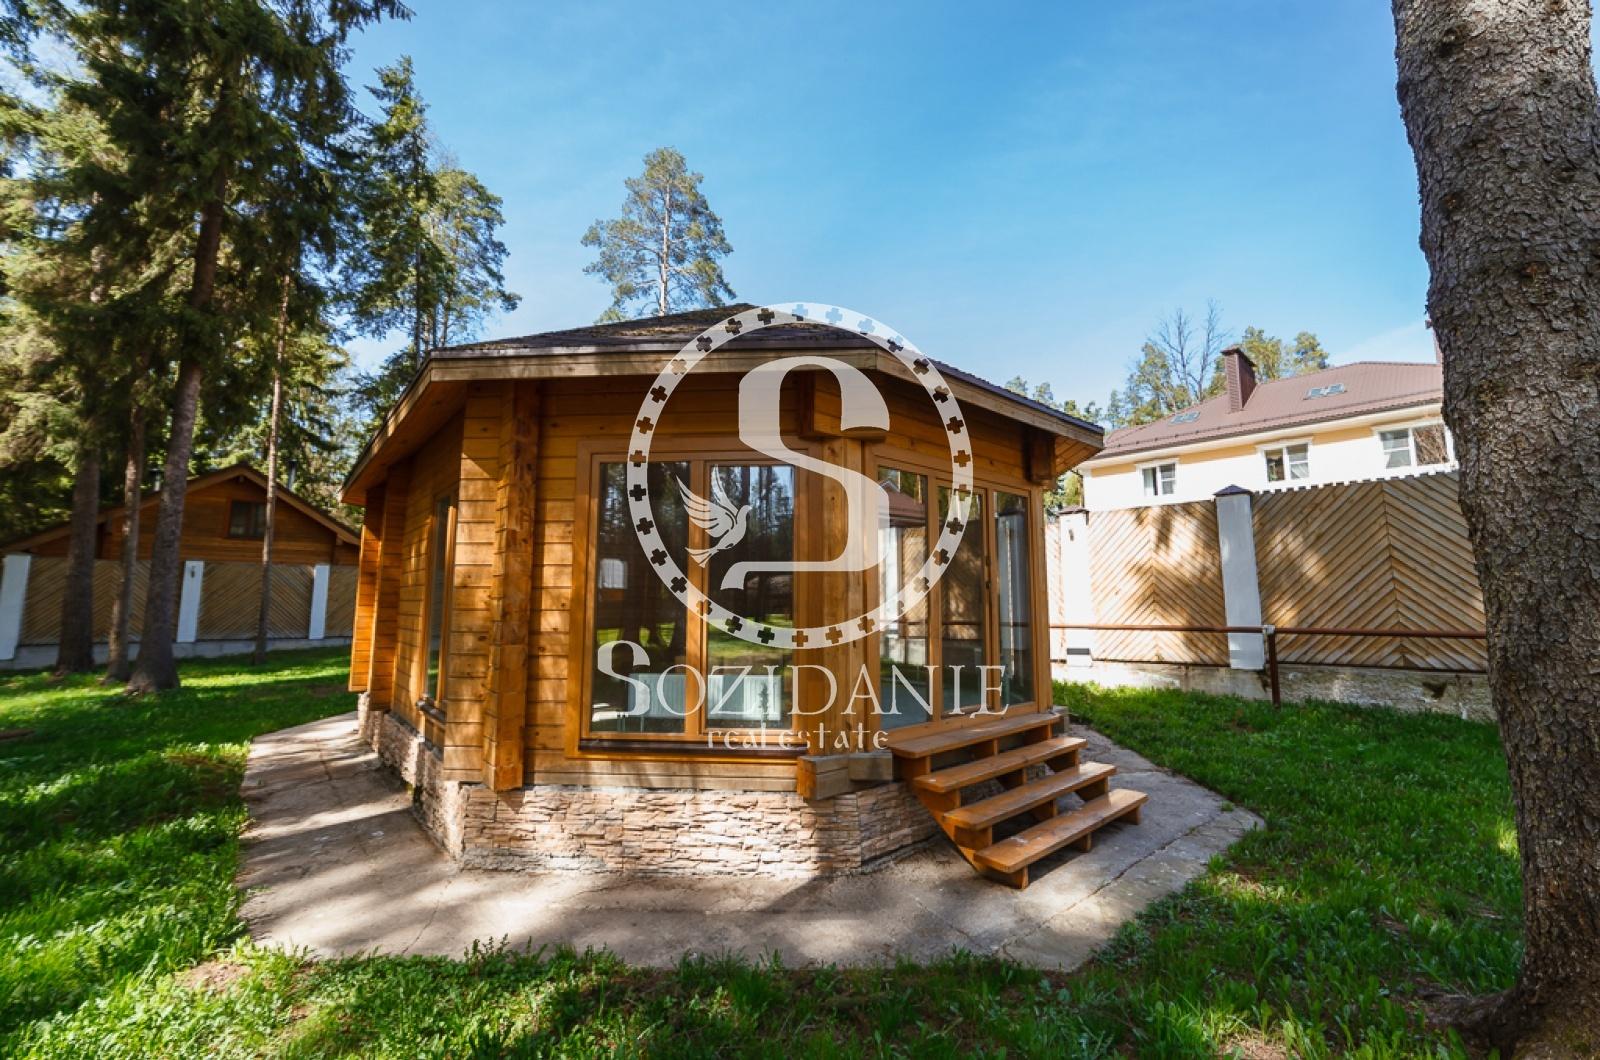 4 Bedrooms, Загородная, Аренда, Listing ID 1105, Московская область, Россия,